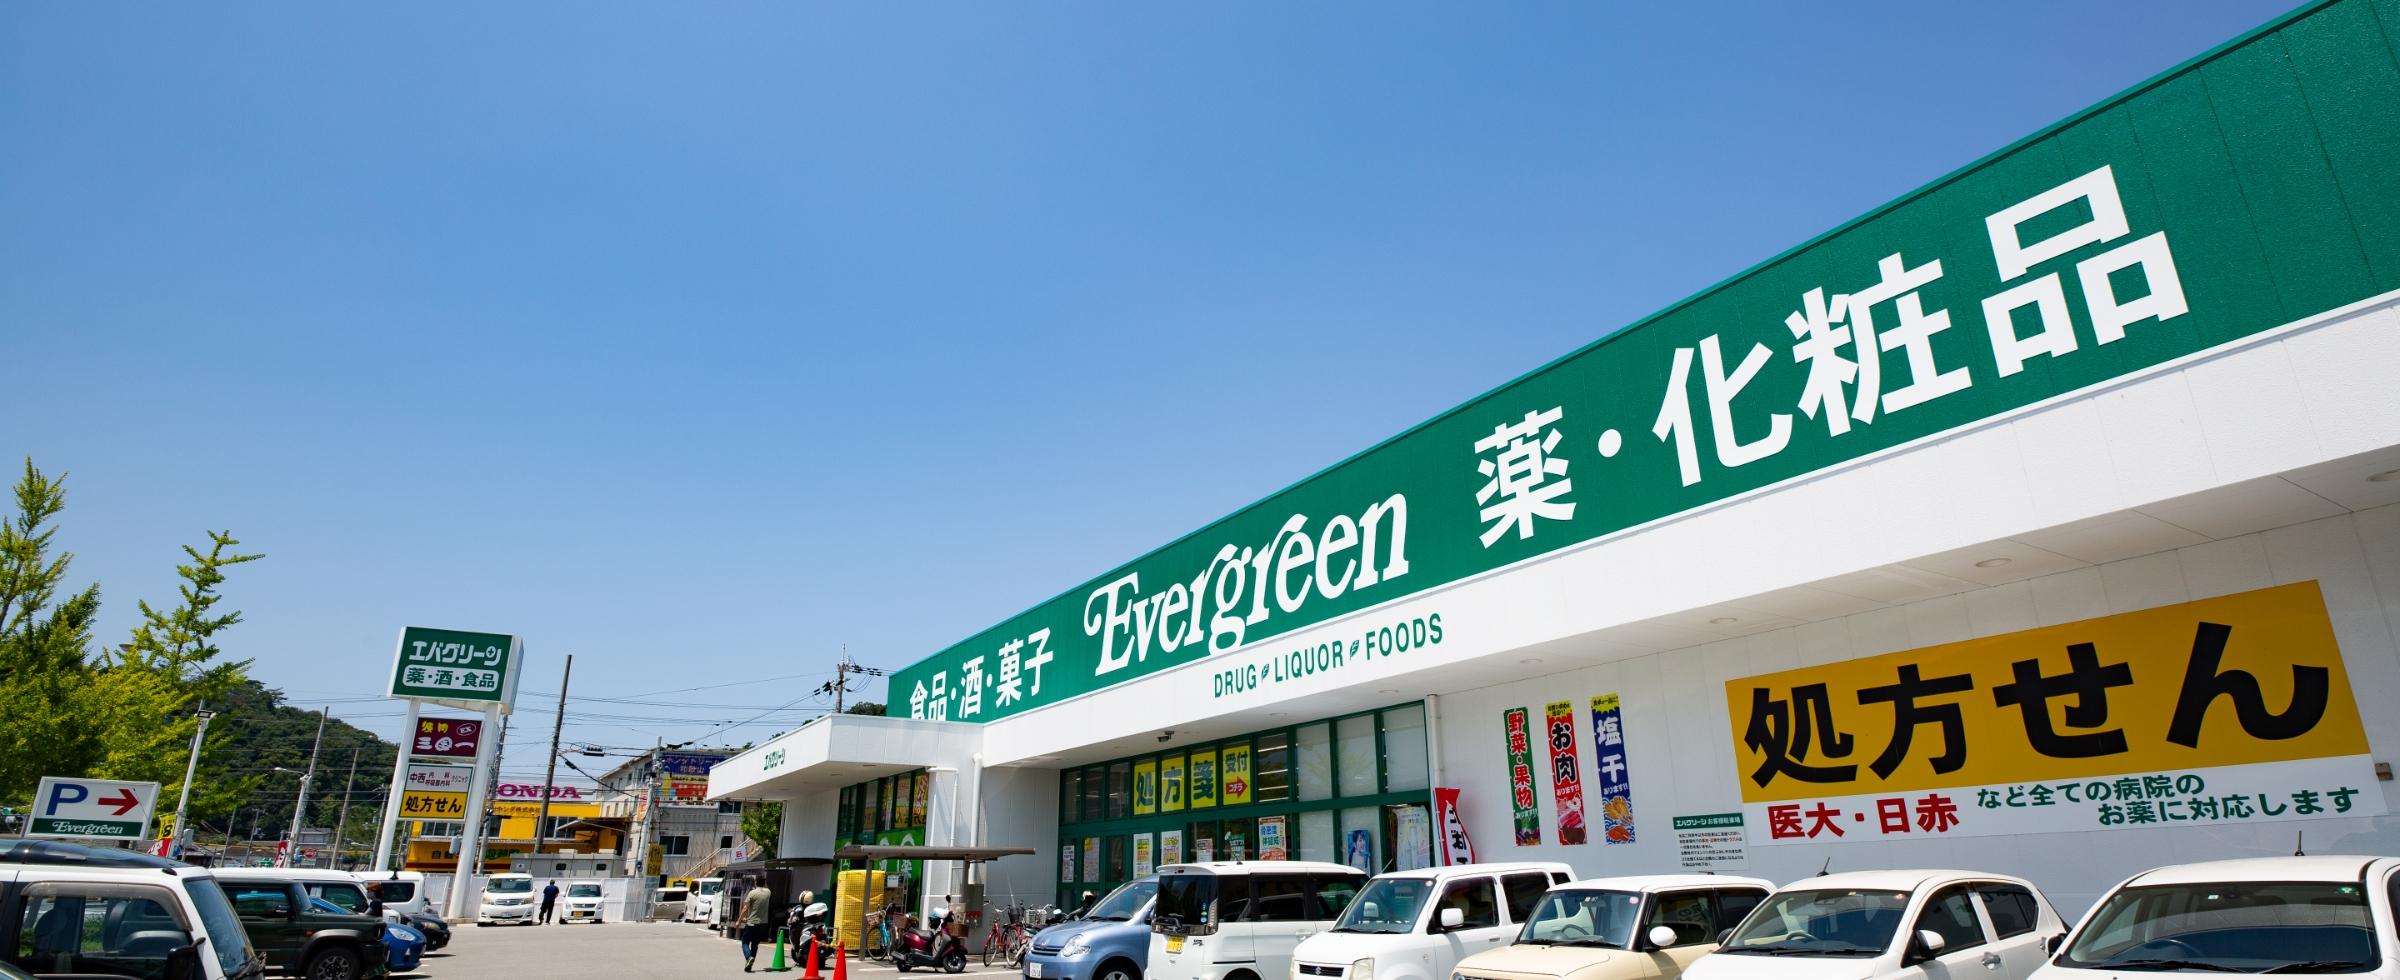 エバグリーン 塩屋店(調剤実施店)